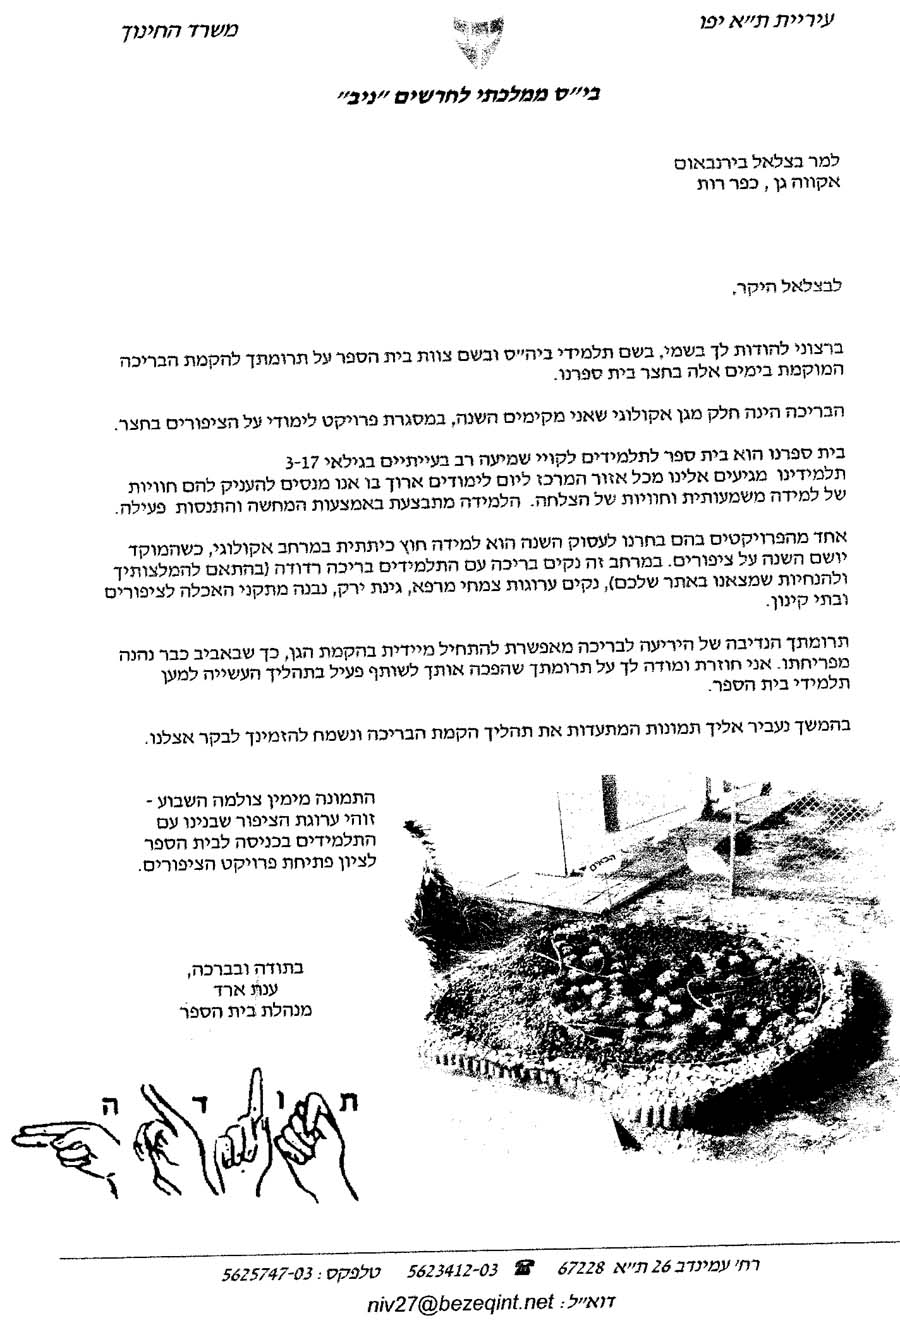 מכתבי הוקרה עיריית תל אביב